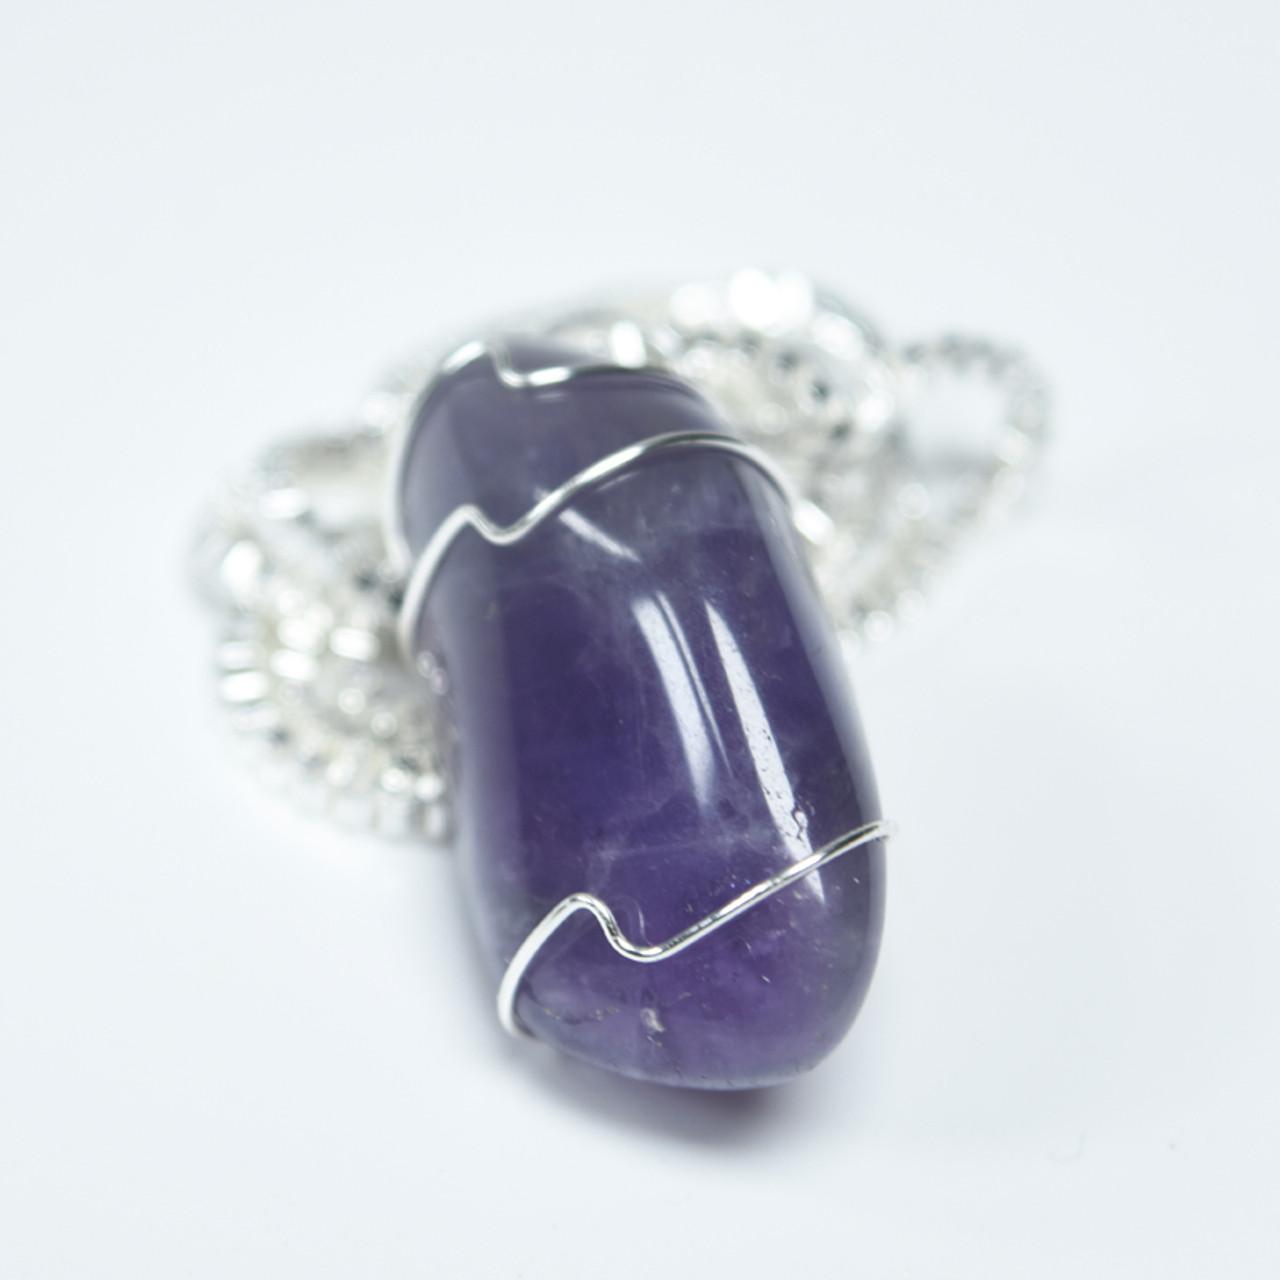 Amethsyt Stone Necklace